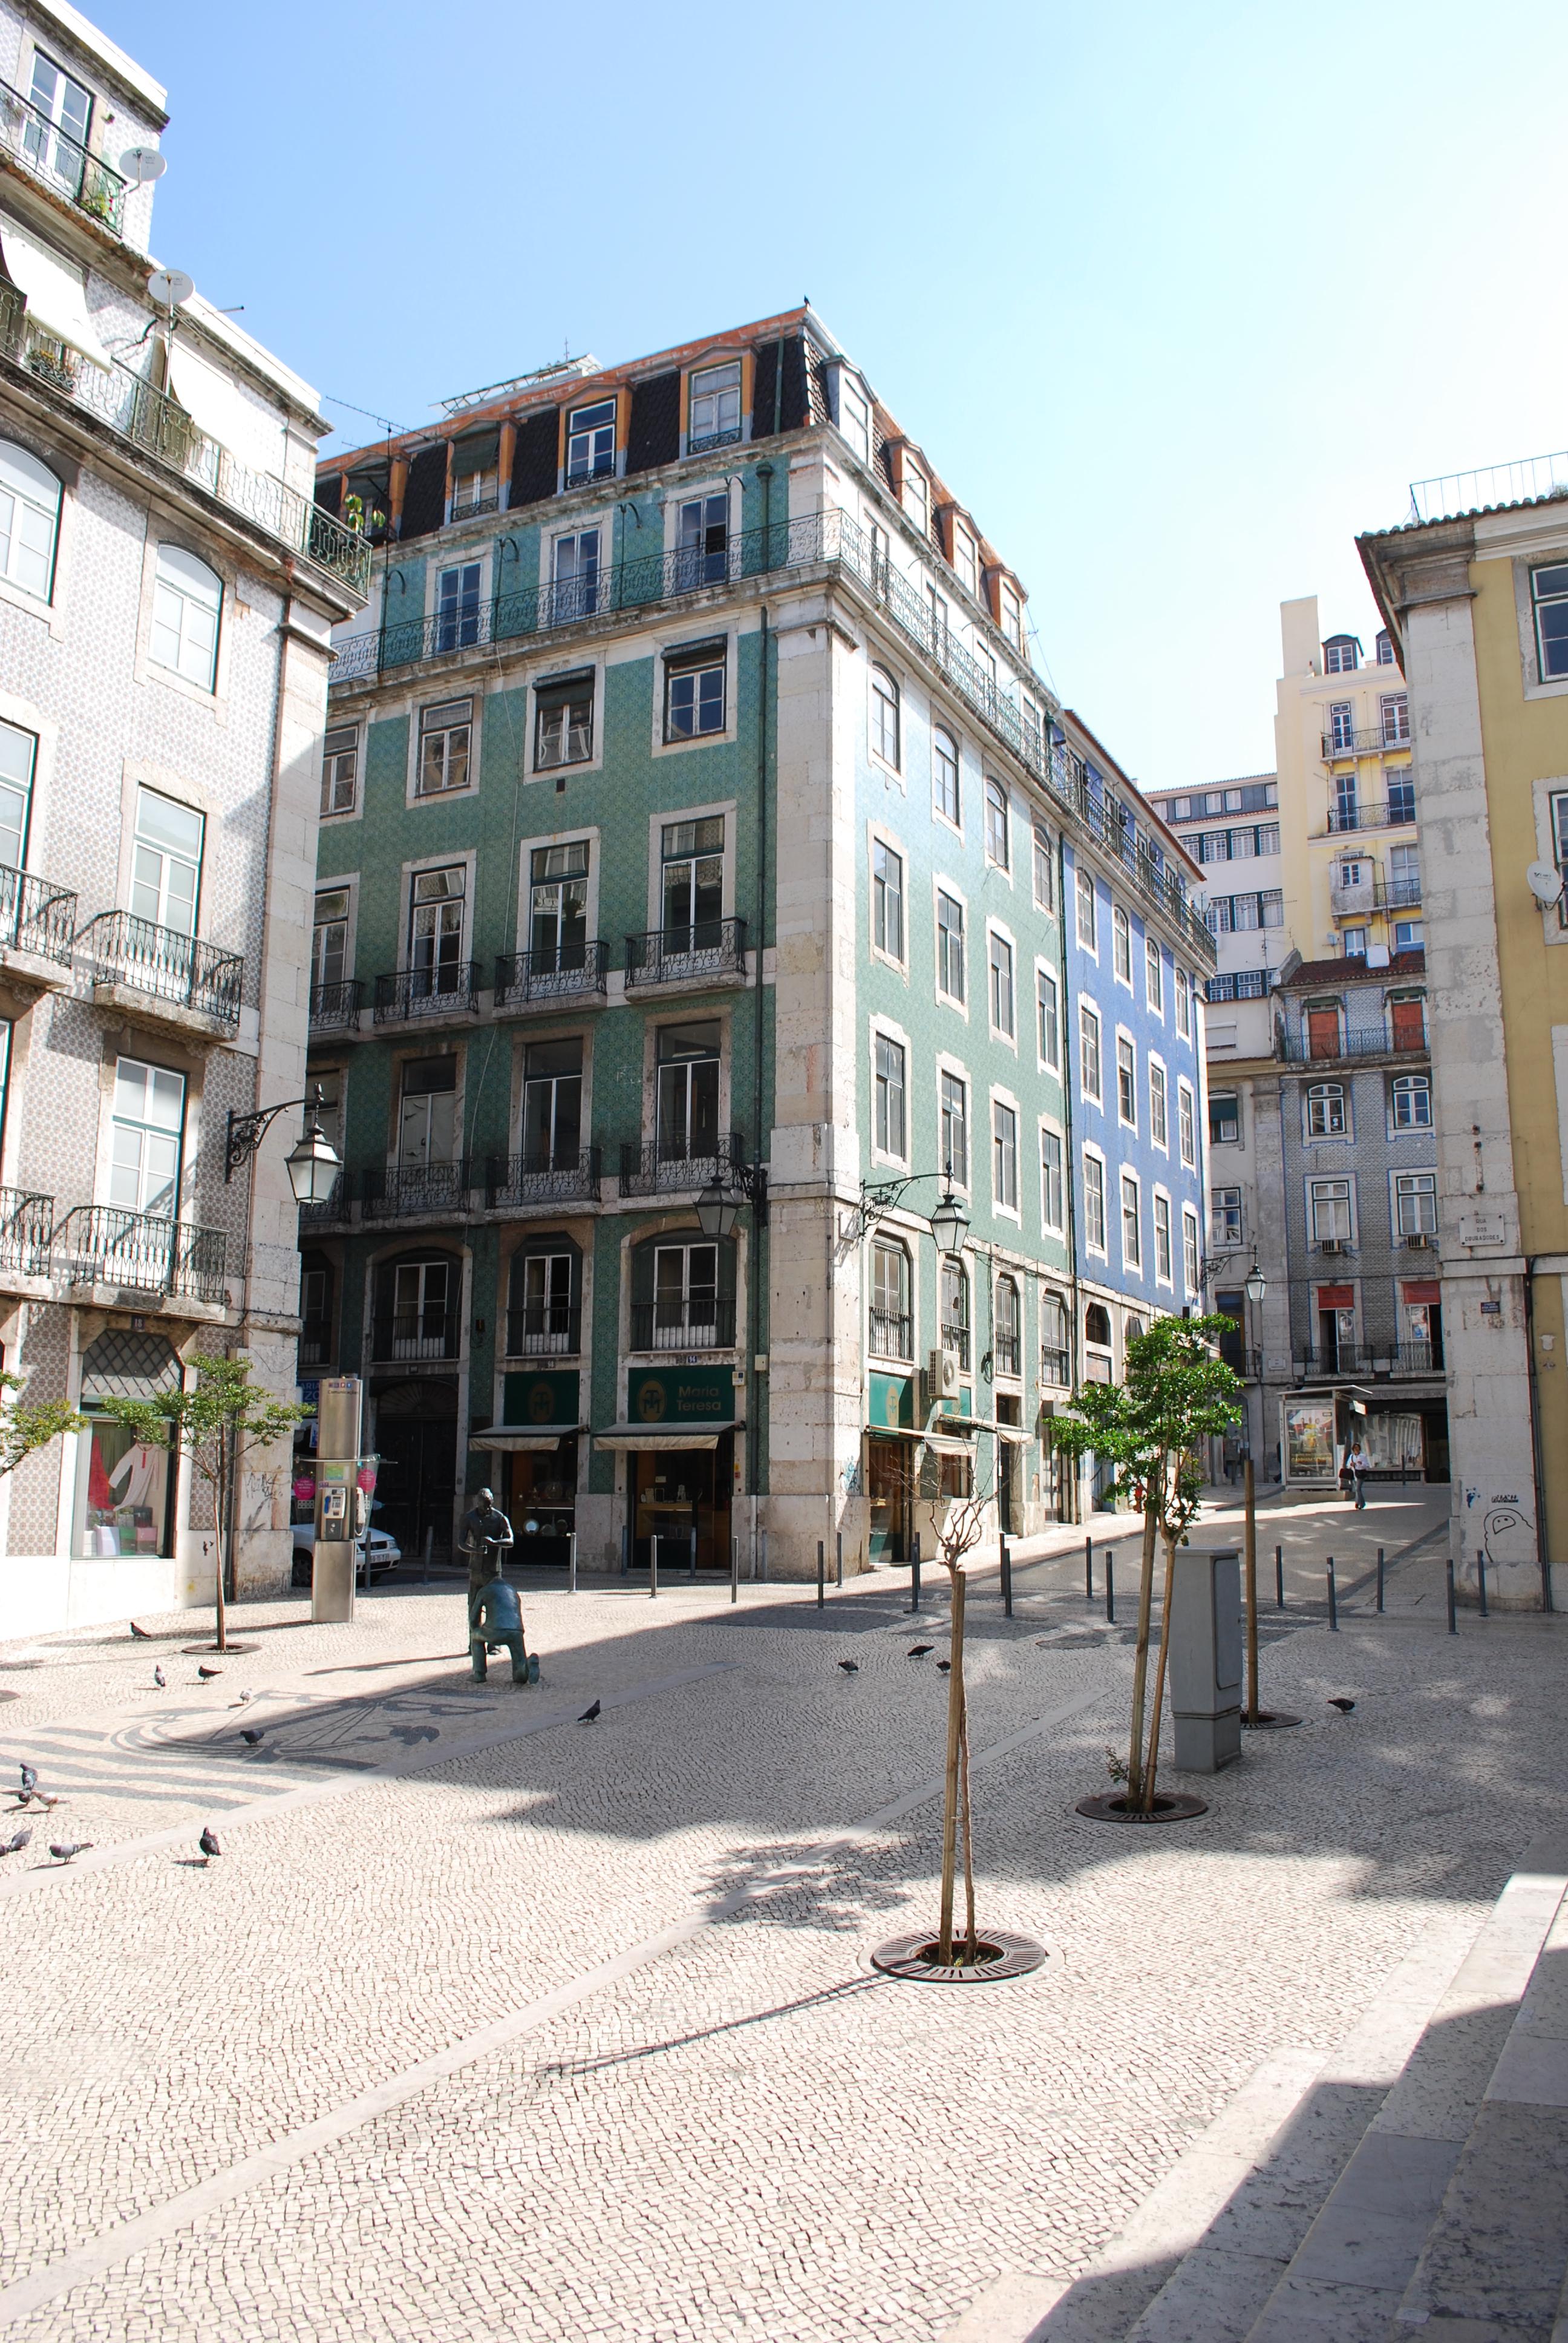 File:Lisboa - Edifício Pombalino (2).jpg - Wikimedia Commons